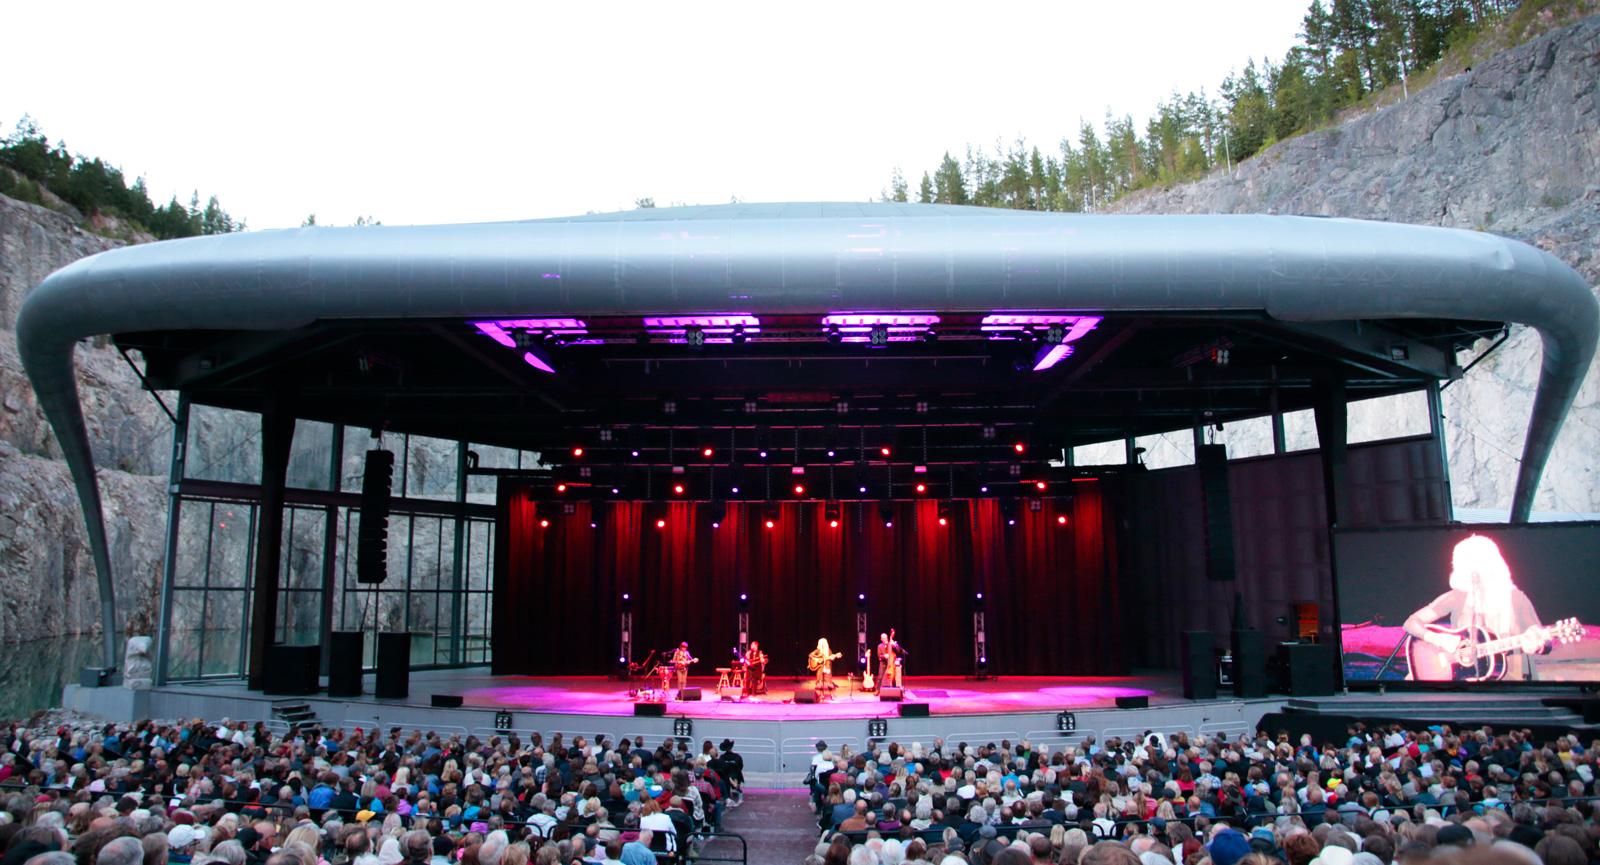 Dalhalla i Rättvik är ett måste. Enkonsertplats med unik akustik.